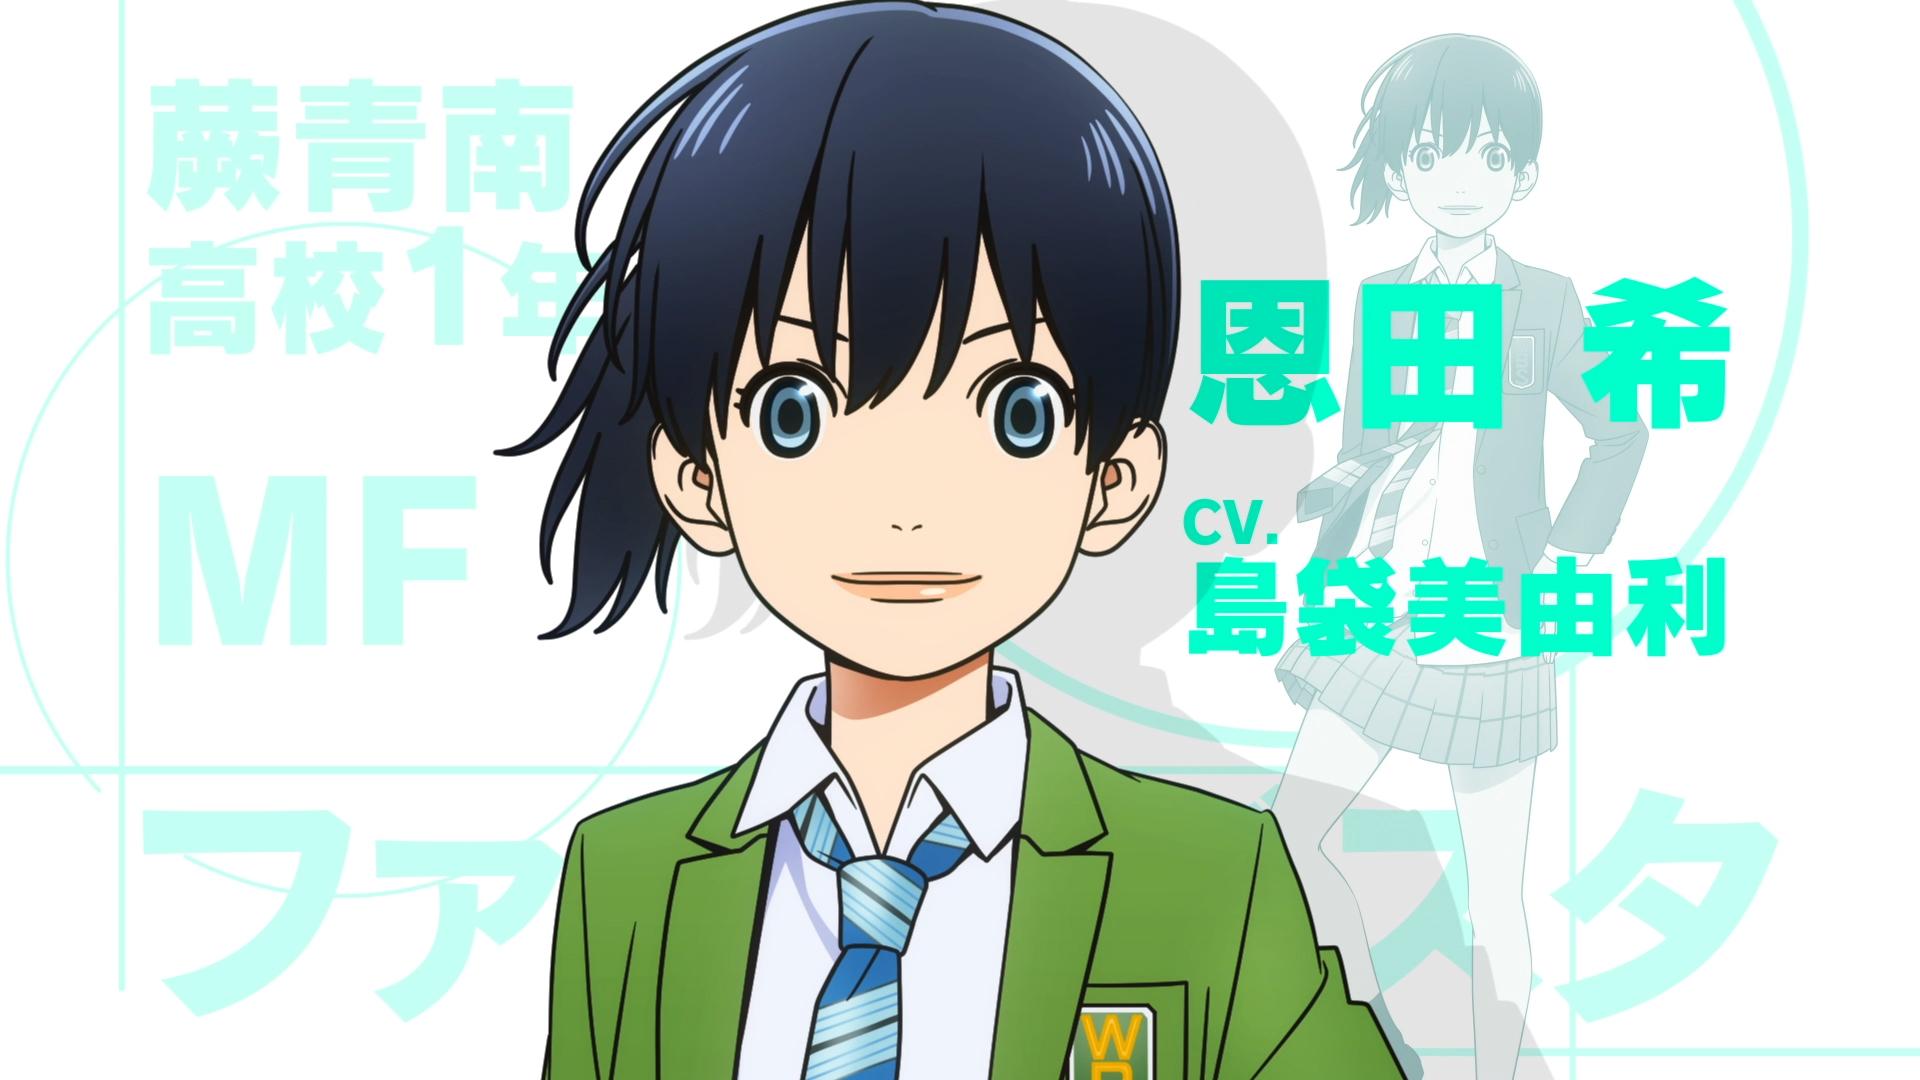 TVアニメ『さよなら私のクラマー』キャラクター紹介ムービー